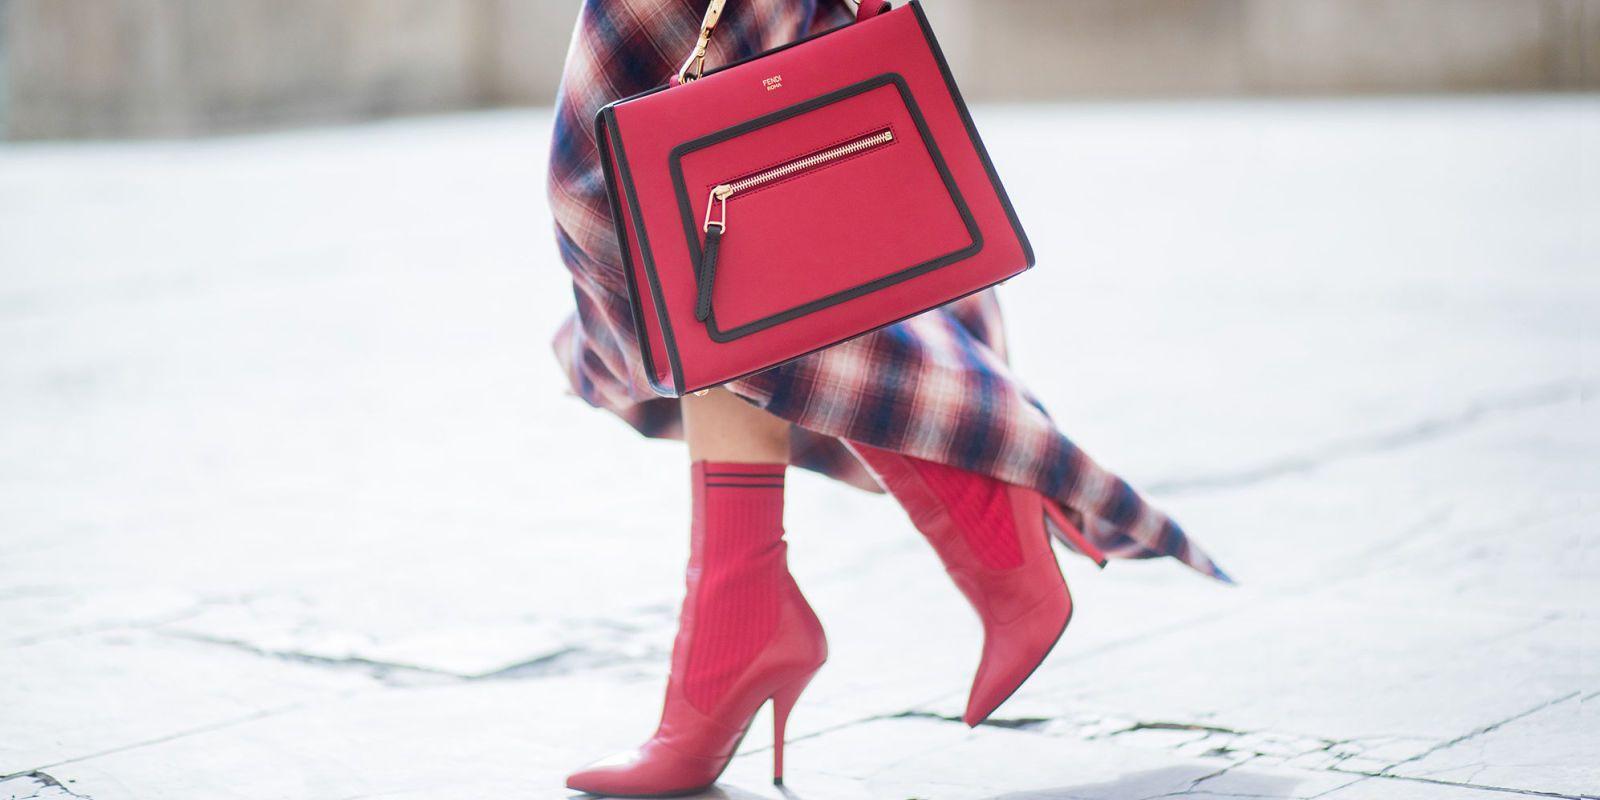 Stivaletti con tacco:come abbinarli per gli outfit invernali